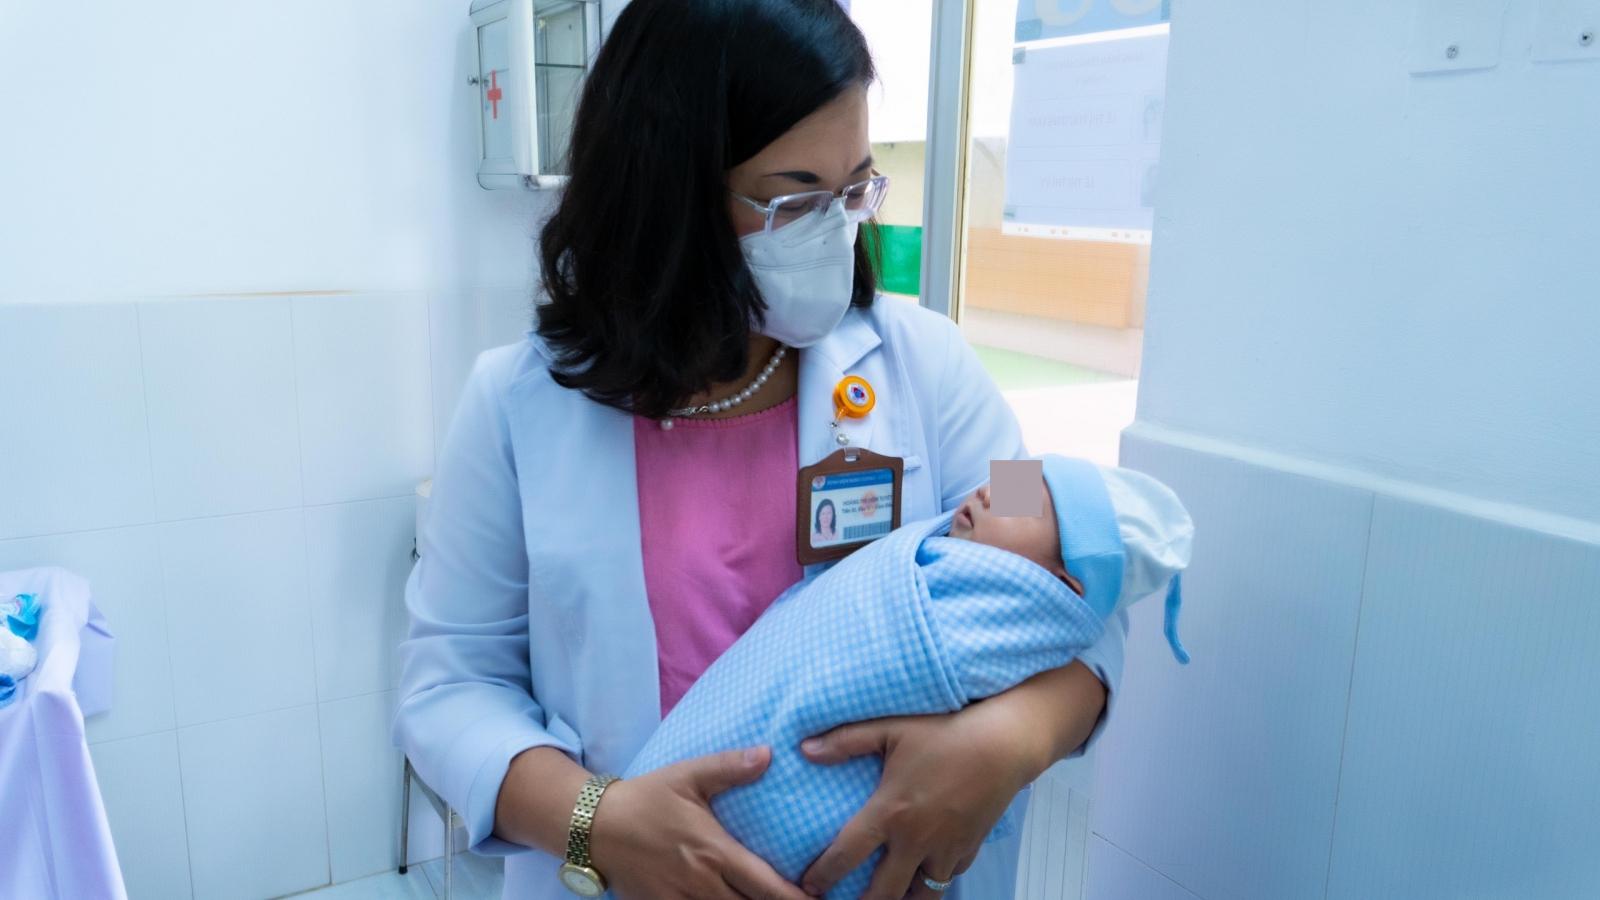 TP.HCM thành lập trung tâm chăm sóc trẻ mới chào đờicó mẹ mắc COVID-19